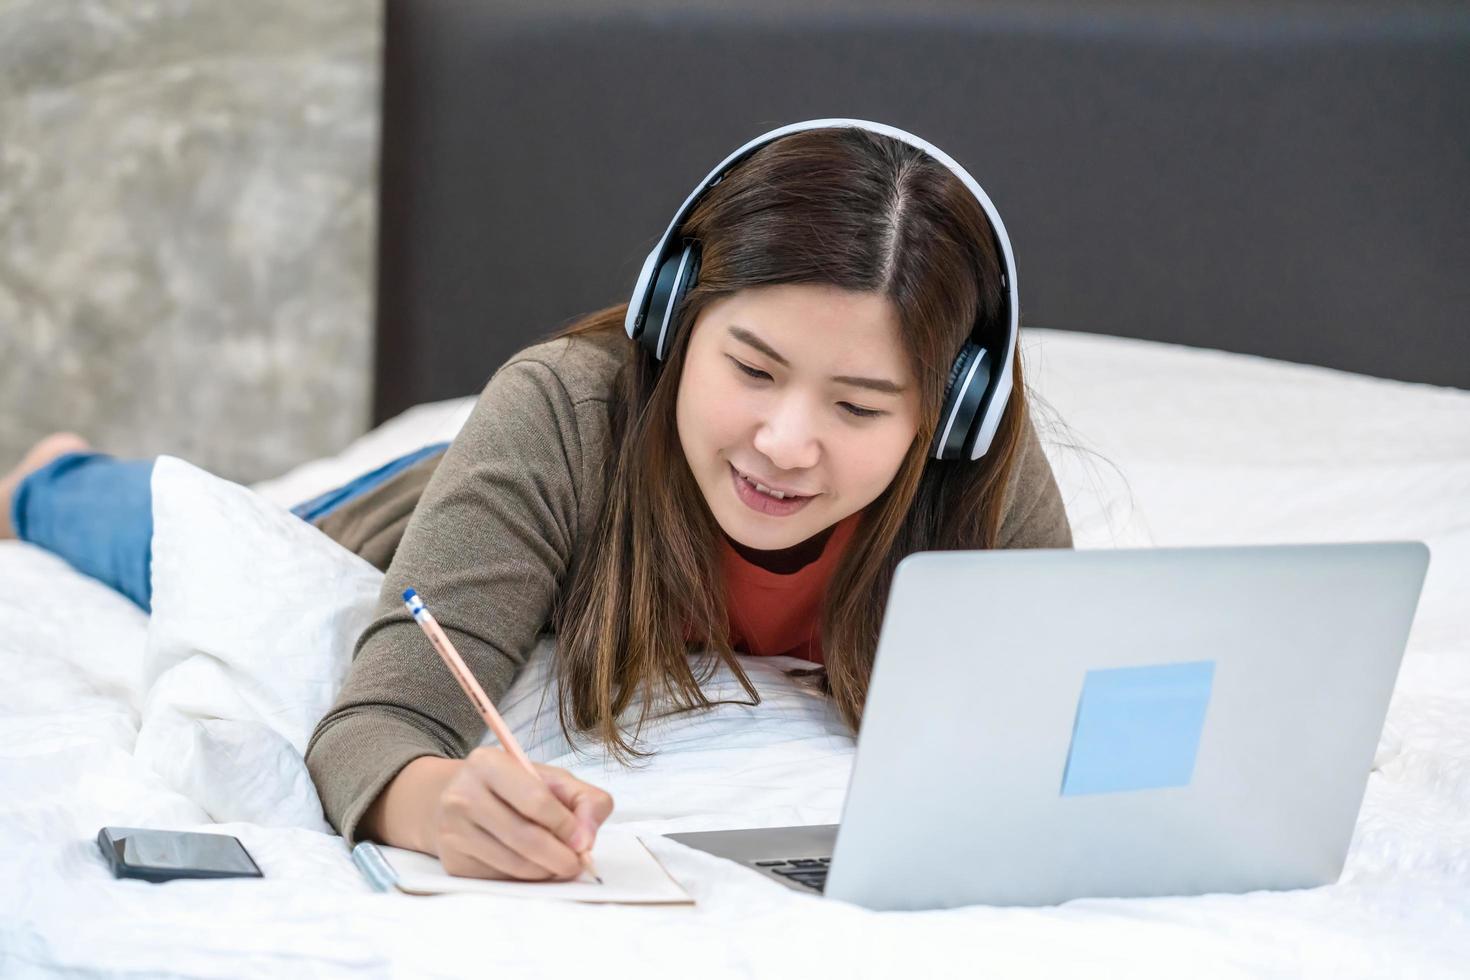 jeune, femme asiatique, portable utilisation, et, écriture, chez soi photo